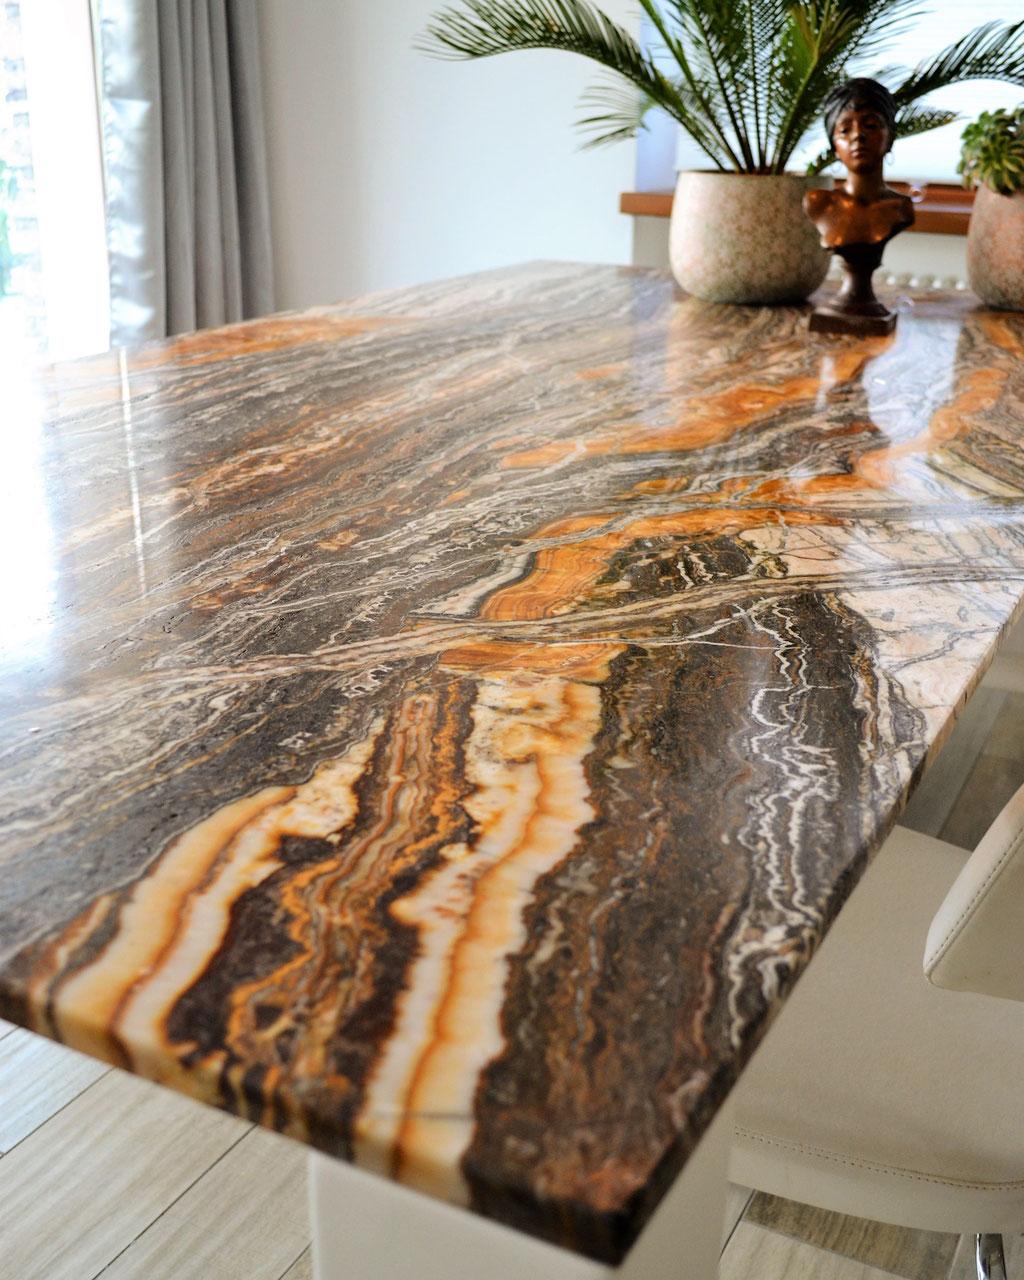 Onyx Jurrasic table